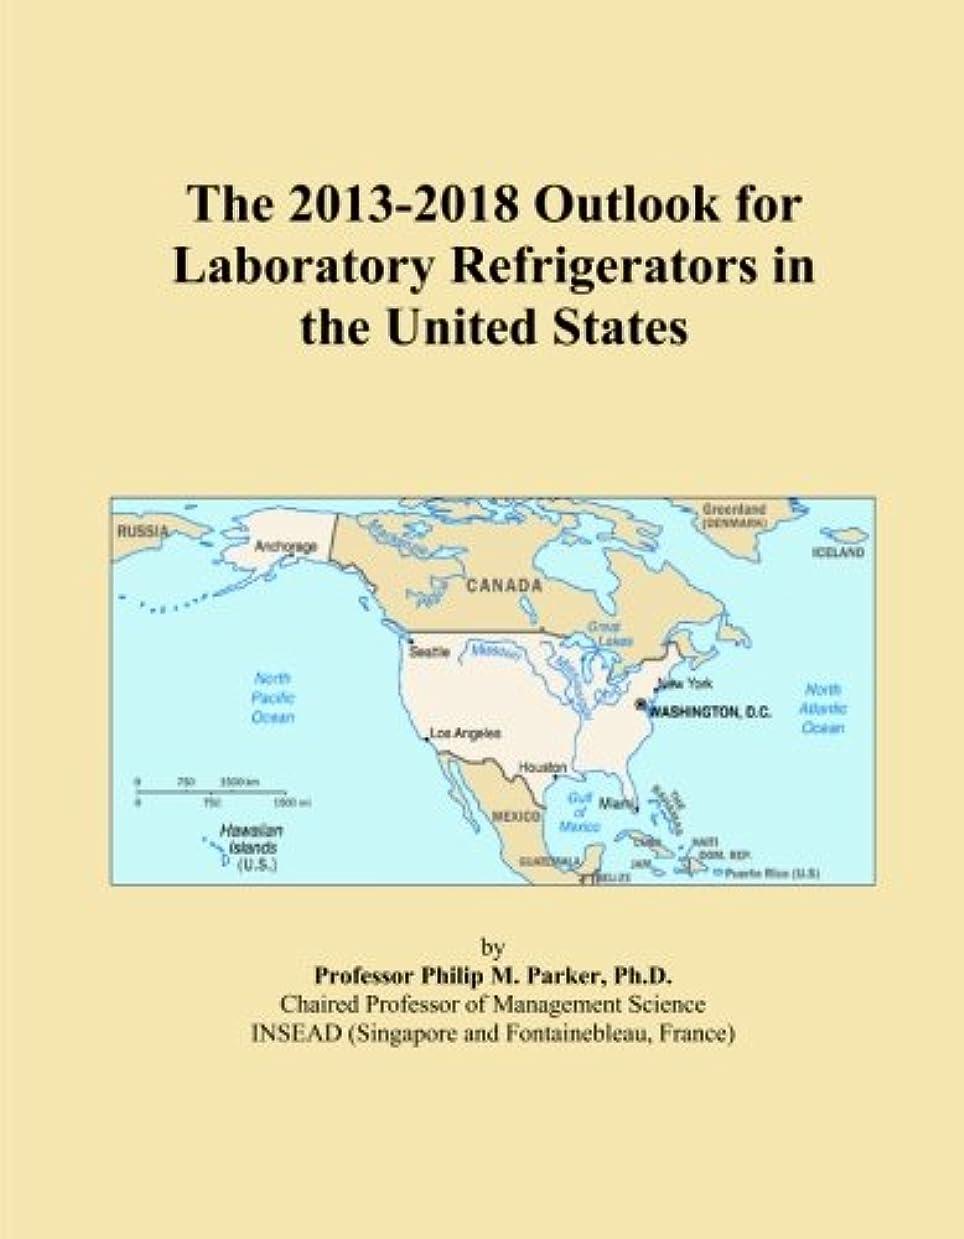 スリット醜い直接The 2013-2018 Outlook for Laboratory Refrigerators in the United States